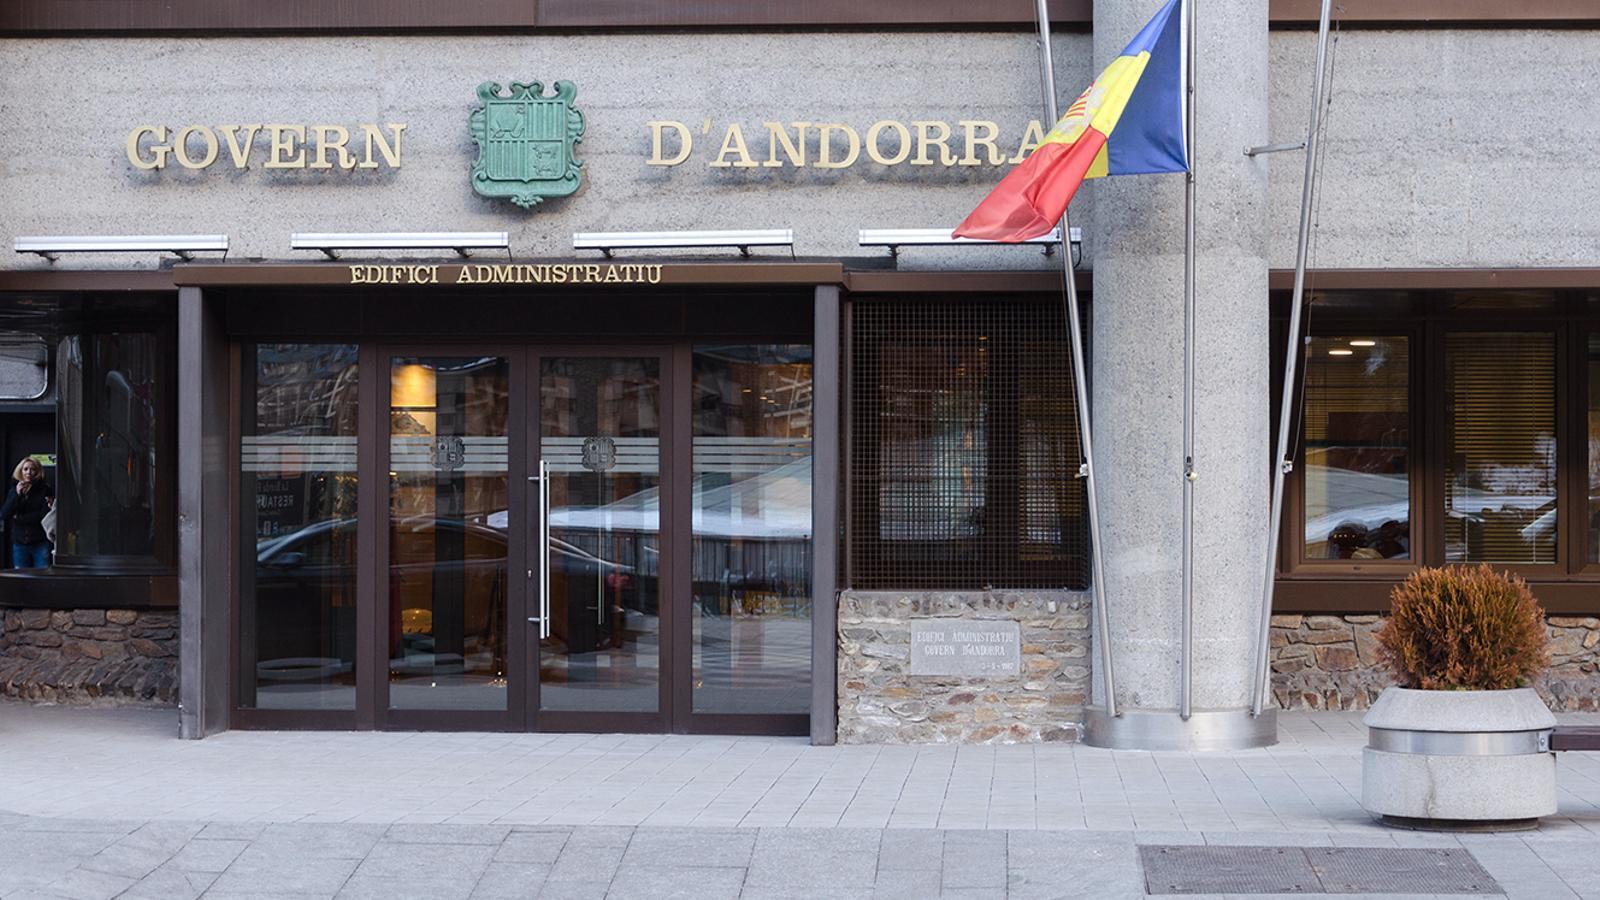 L'edifici administratiu del Govern. / ARXIU ANA